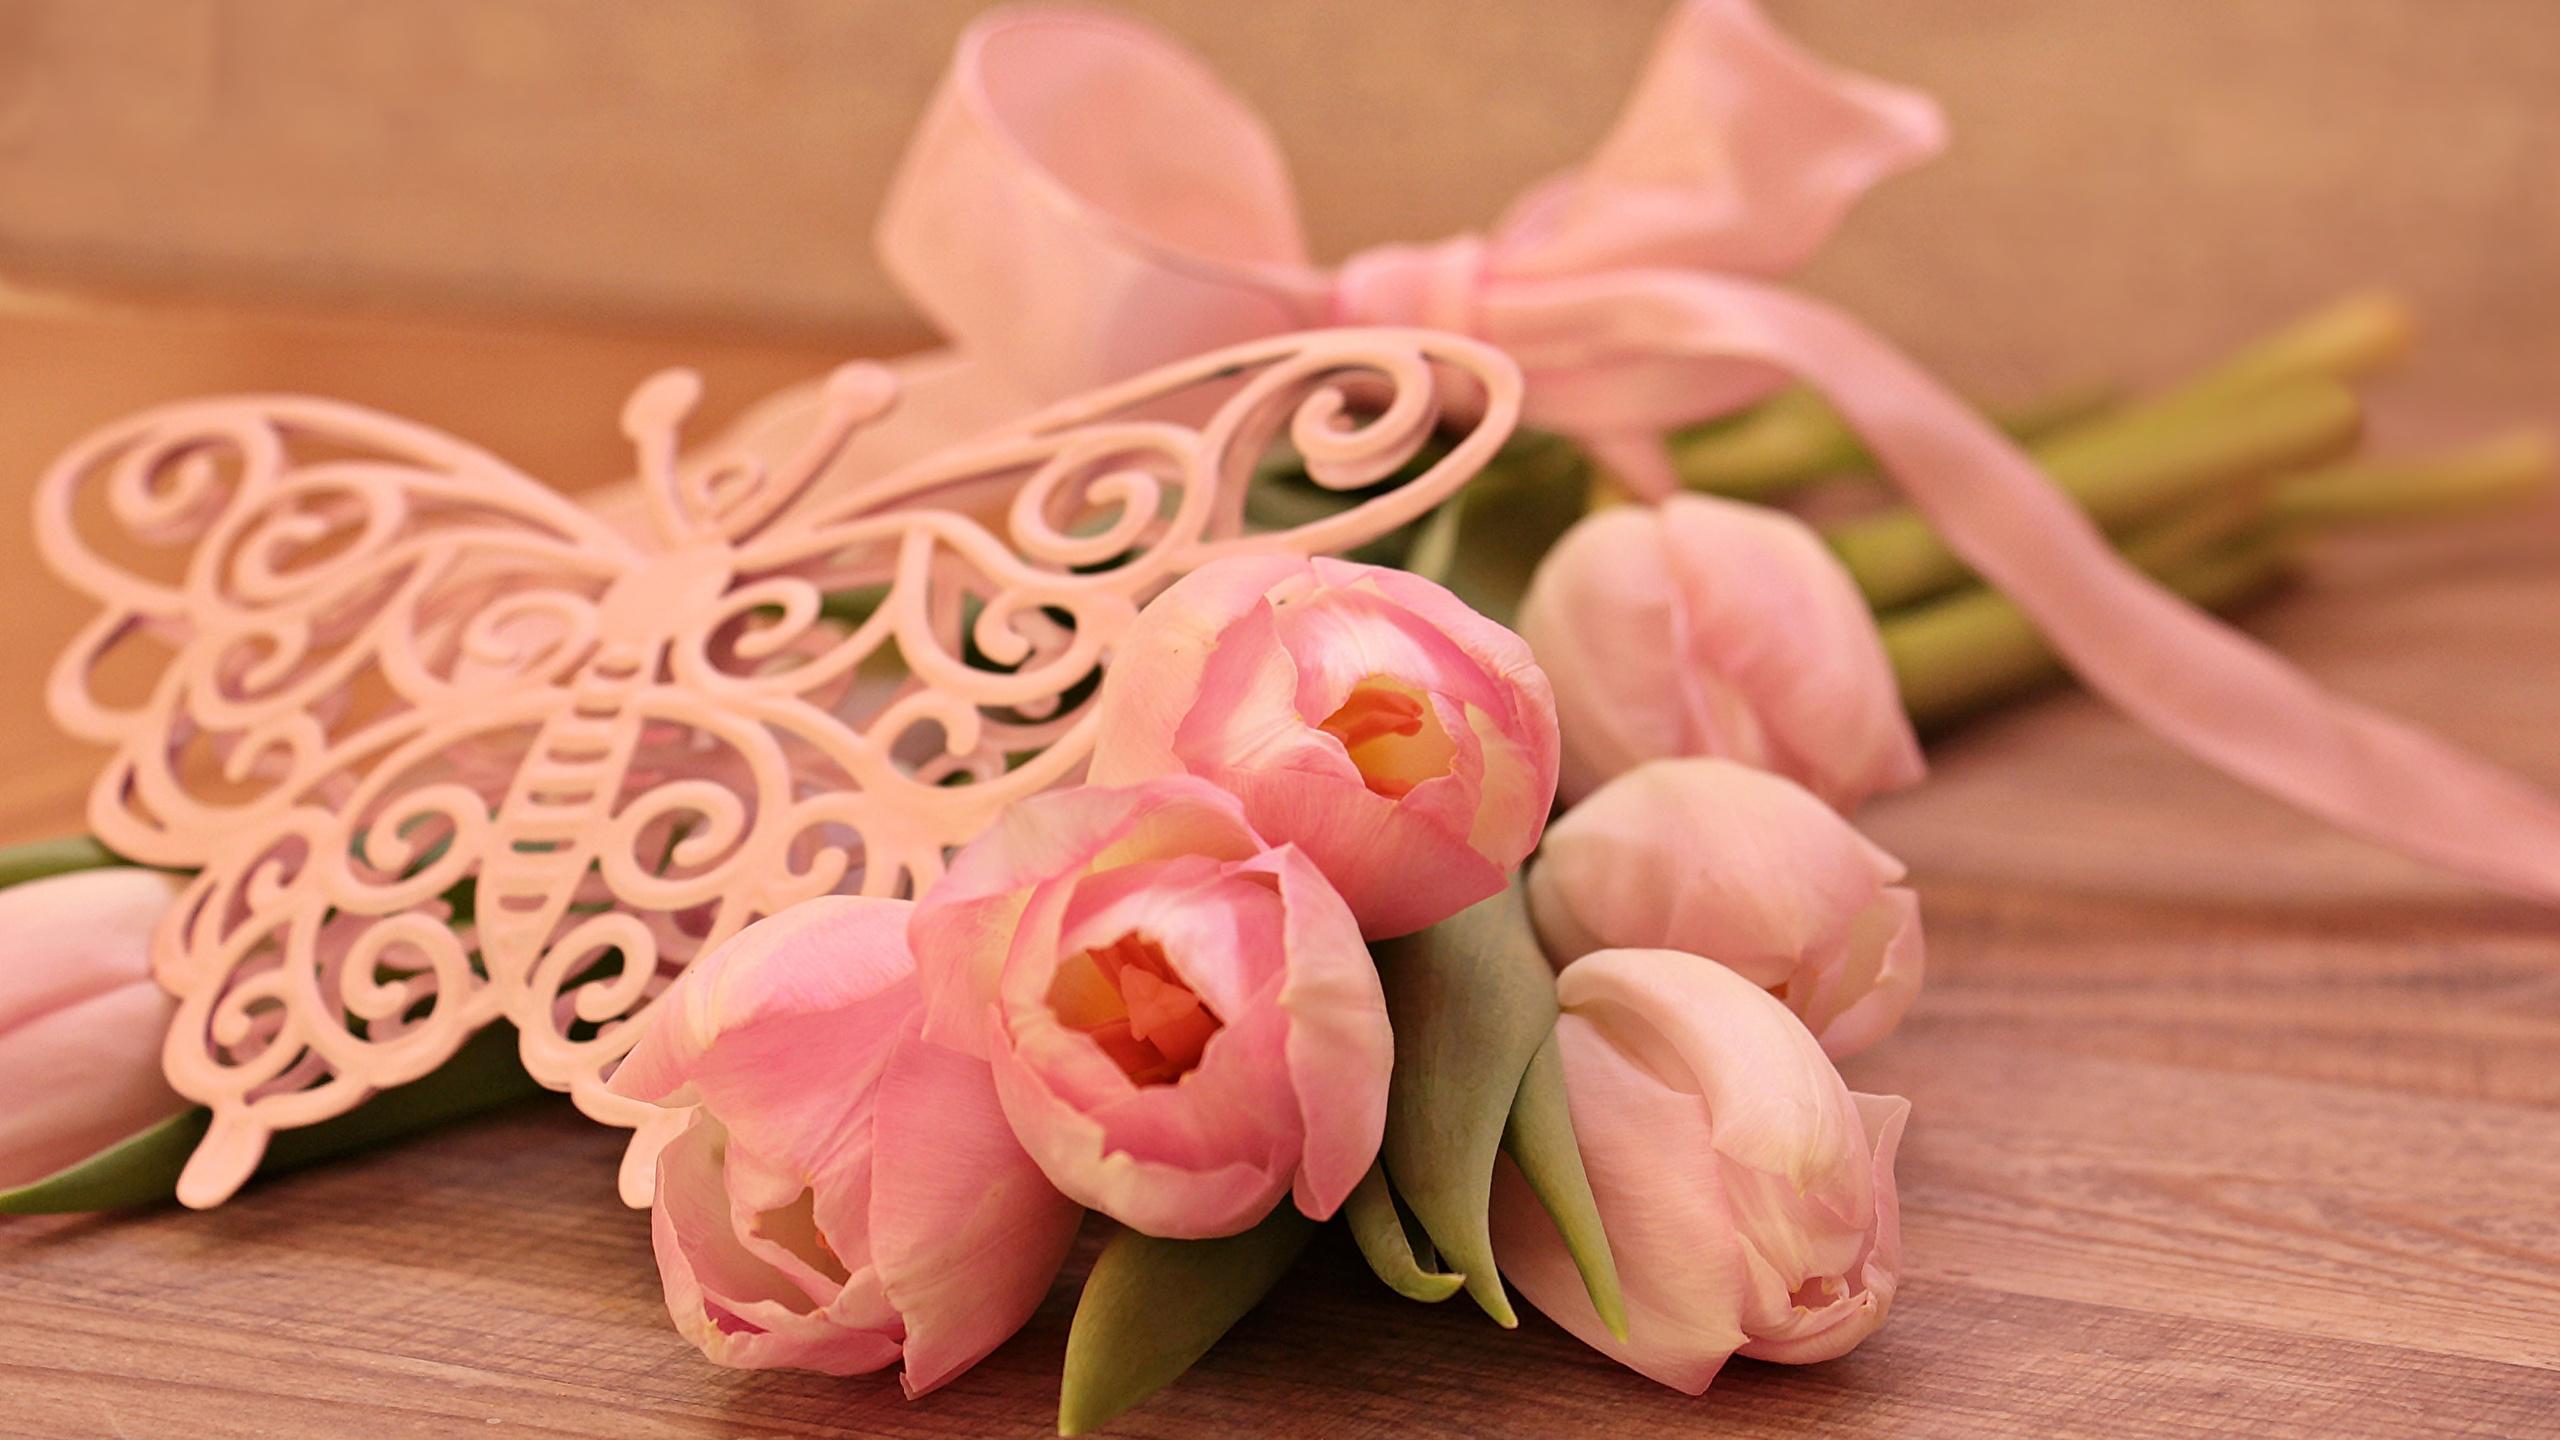 Фотография бабочка розовая Тюльпаны цветок Доски 2560x1440 Бабочки тюльпан Розовый розовые розовых Цветы